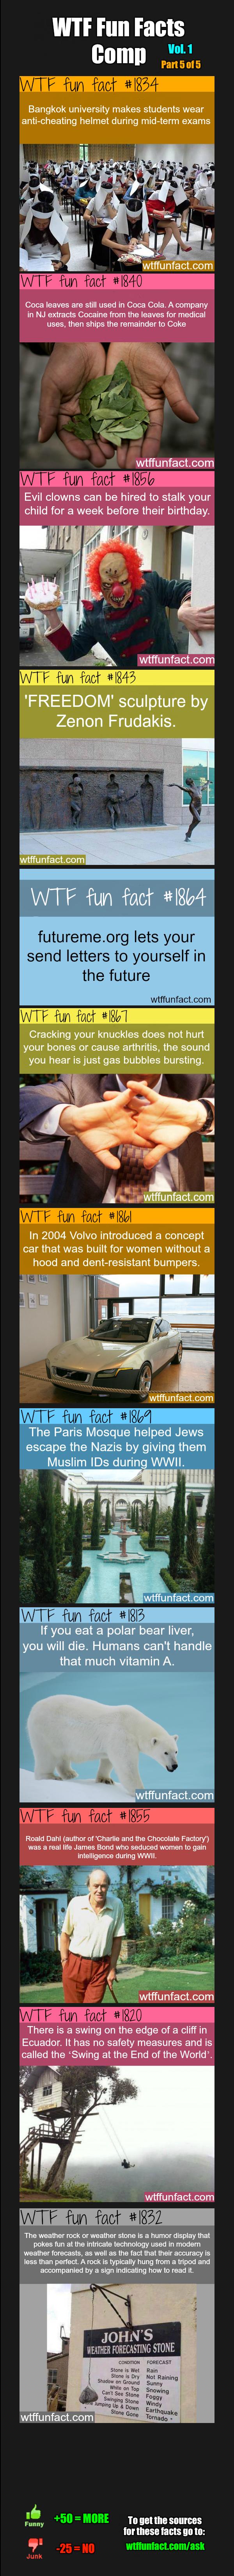 WTF Fun Fun Facts Comp Vol. 1 Part 5. Vol. 1: -WTF Fun Facts Comp Vol.1 Part 1: www.funnyjunk.com/WTF+Fun+Facts+Comp+Vol.+1+Part+1/funny-pictures/5012851/ -WTF